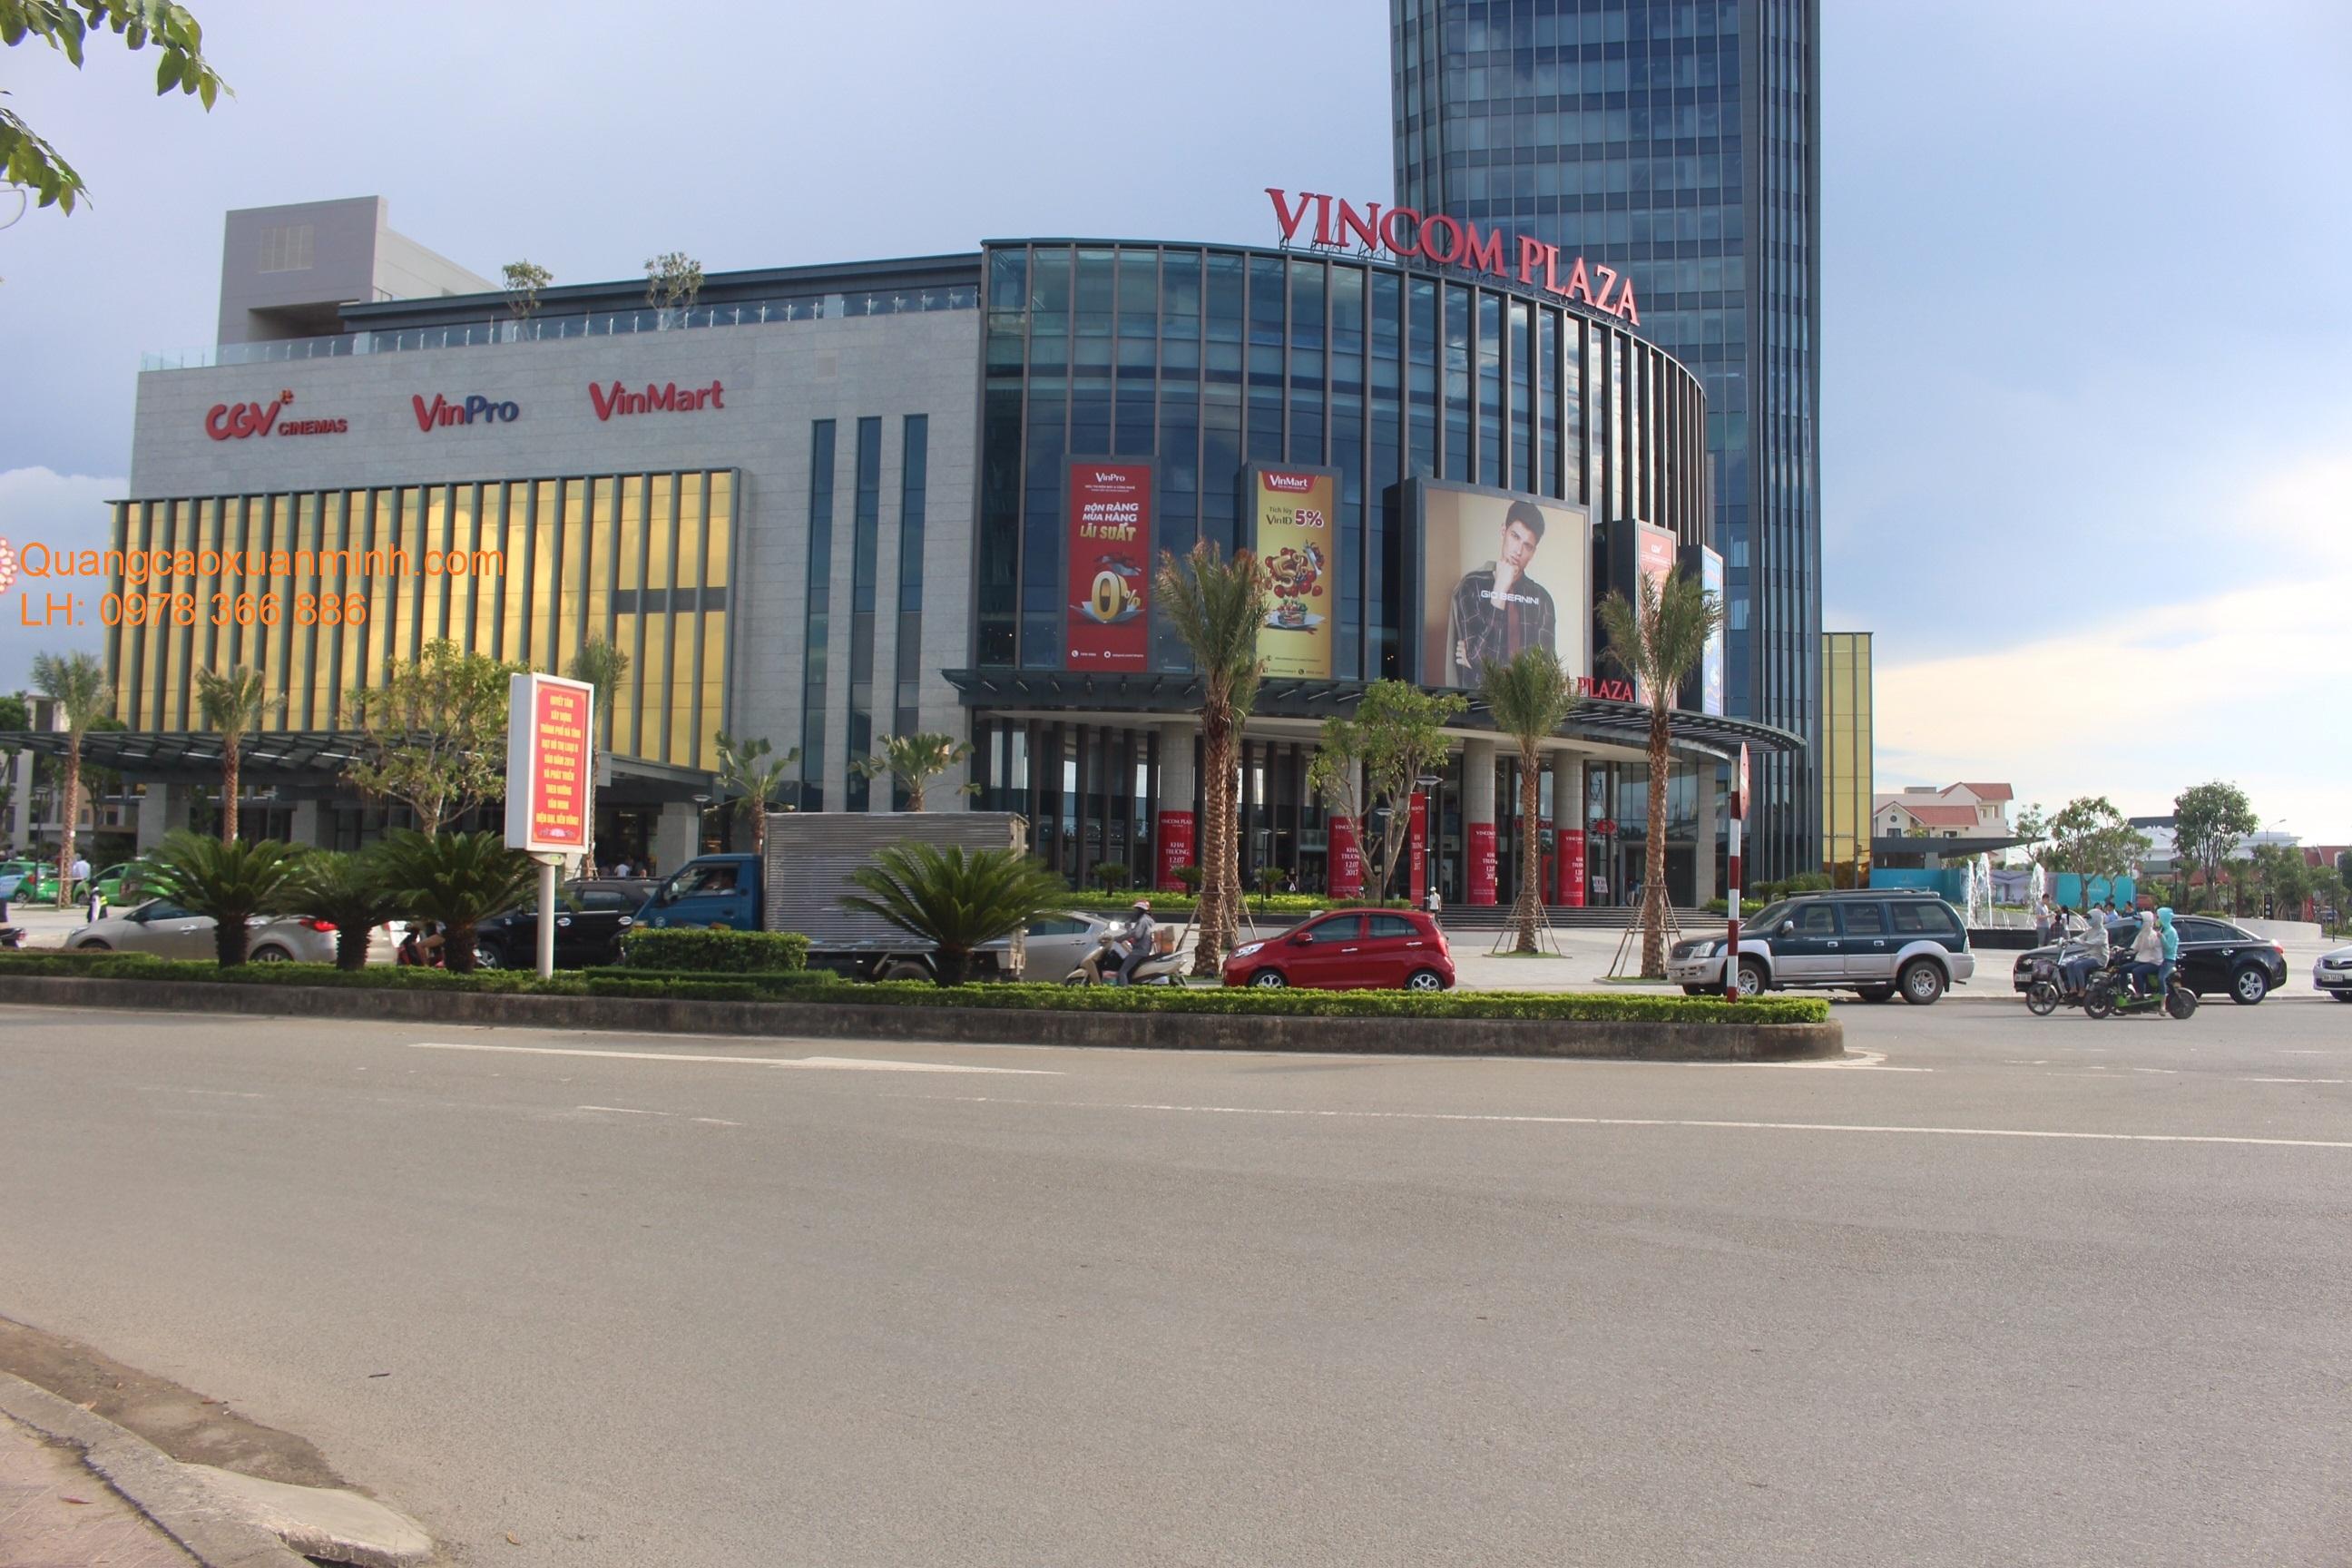 Biển-chữ-Vincom-Plaza-đường-Hà-Huy-Tập-Hà-Tĩnh.